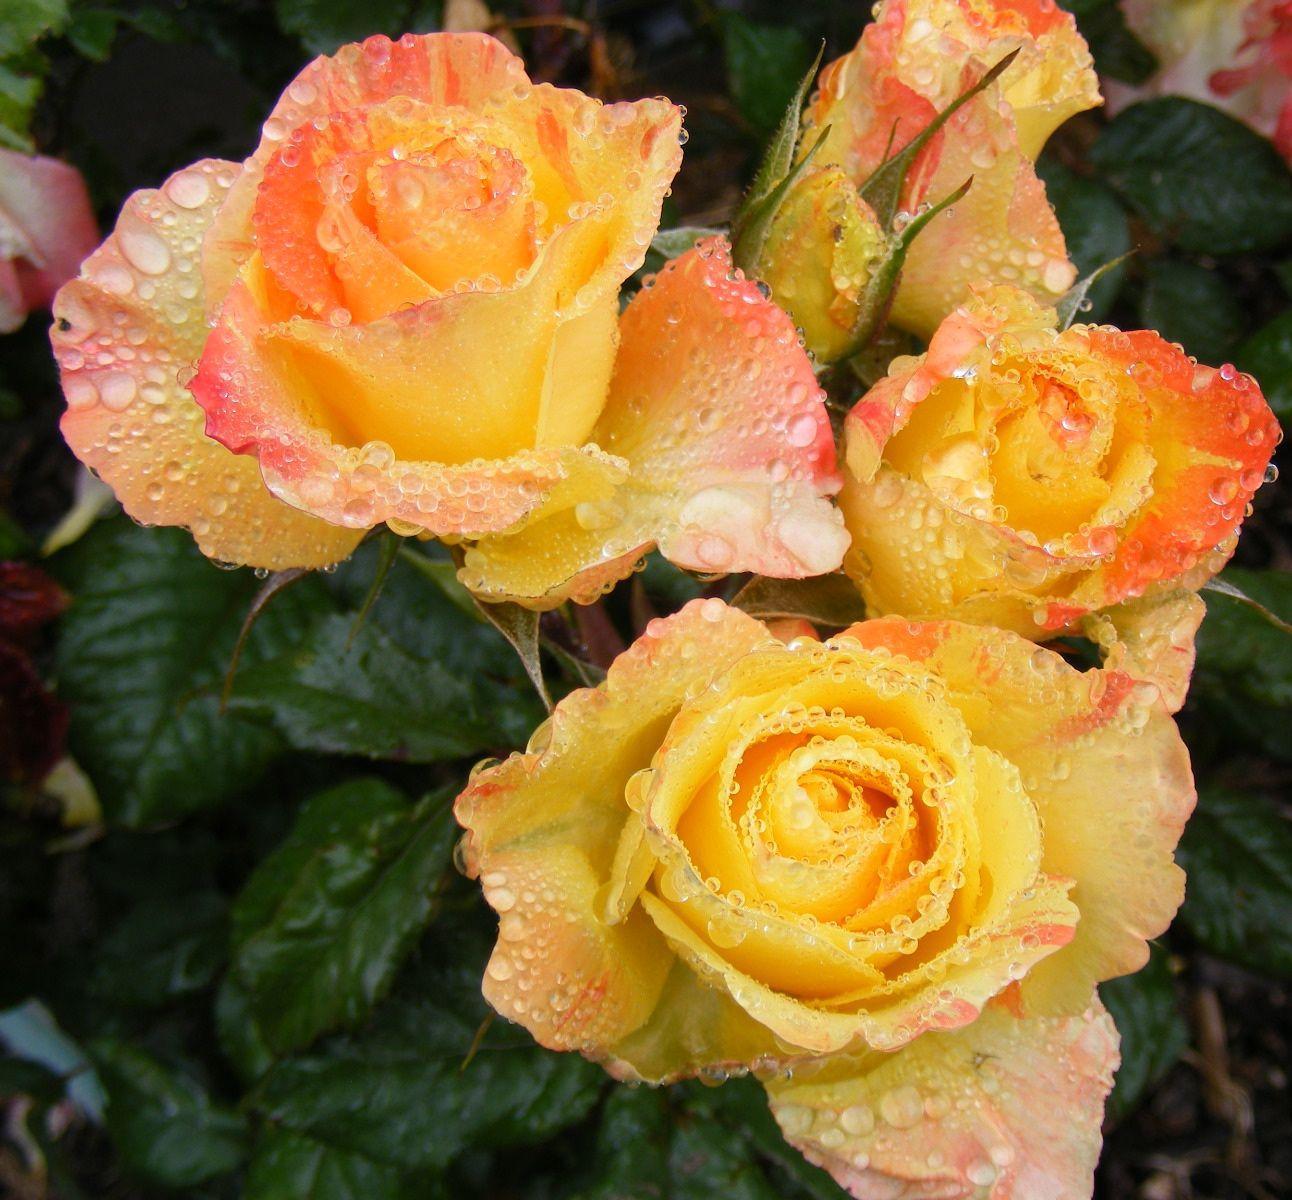 Chihuly floribunda roses